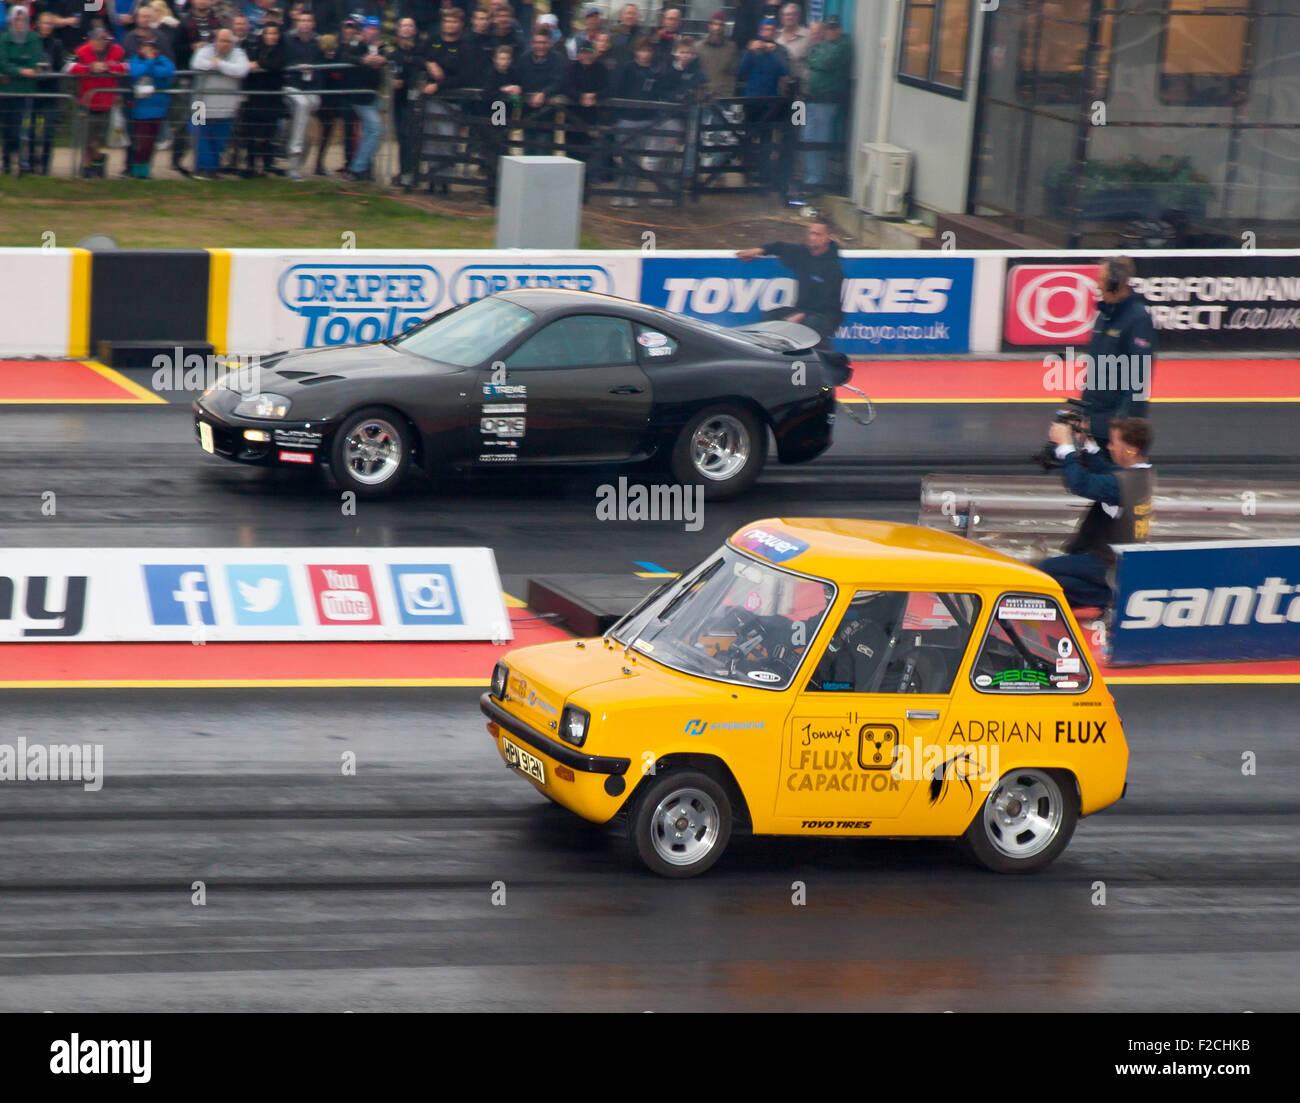 Voiture électrique drag racing dans le pro et classe à Santa Pod. Jonny Smith face visible au volant d'une Photo Stock